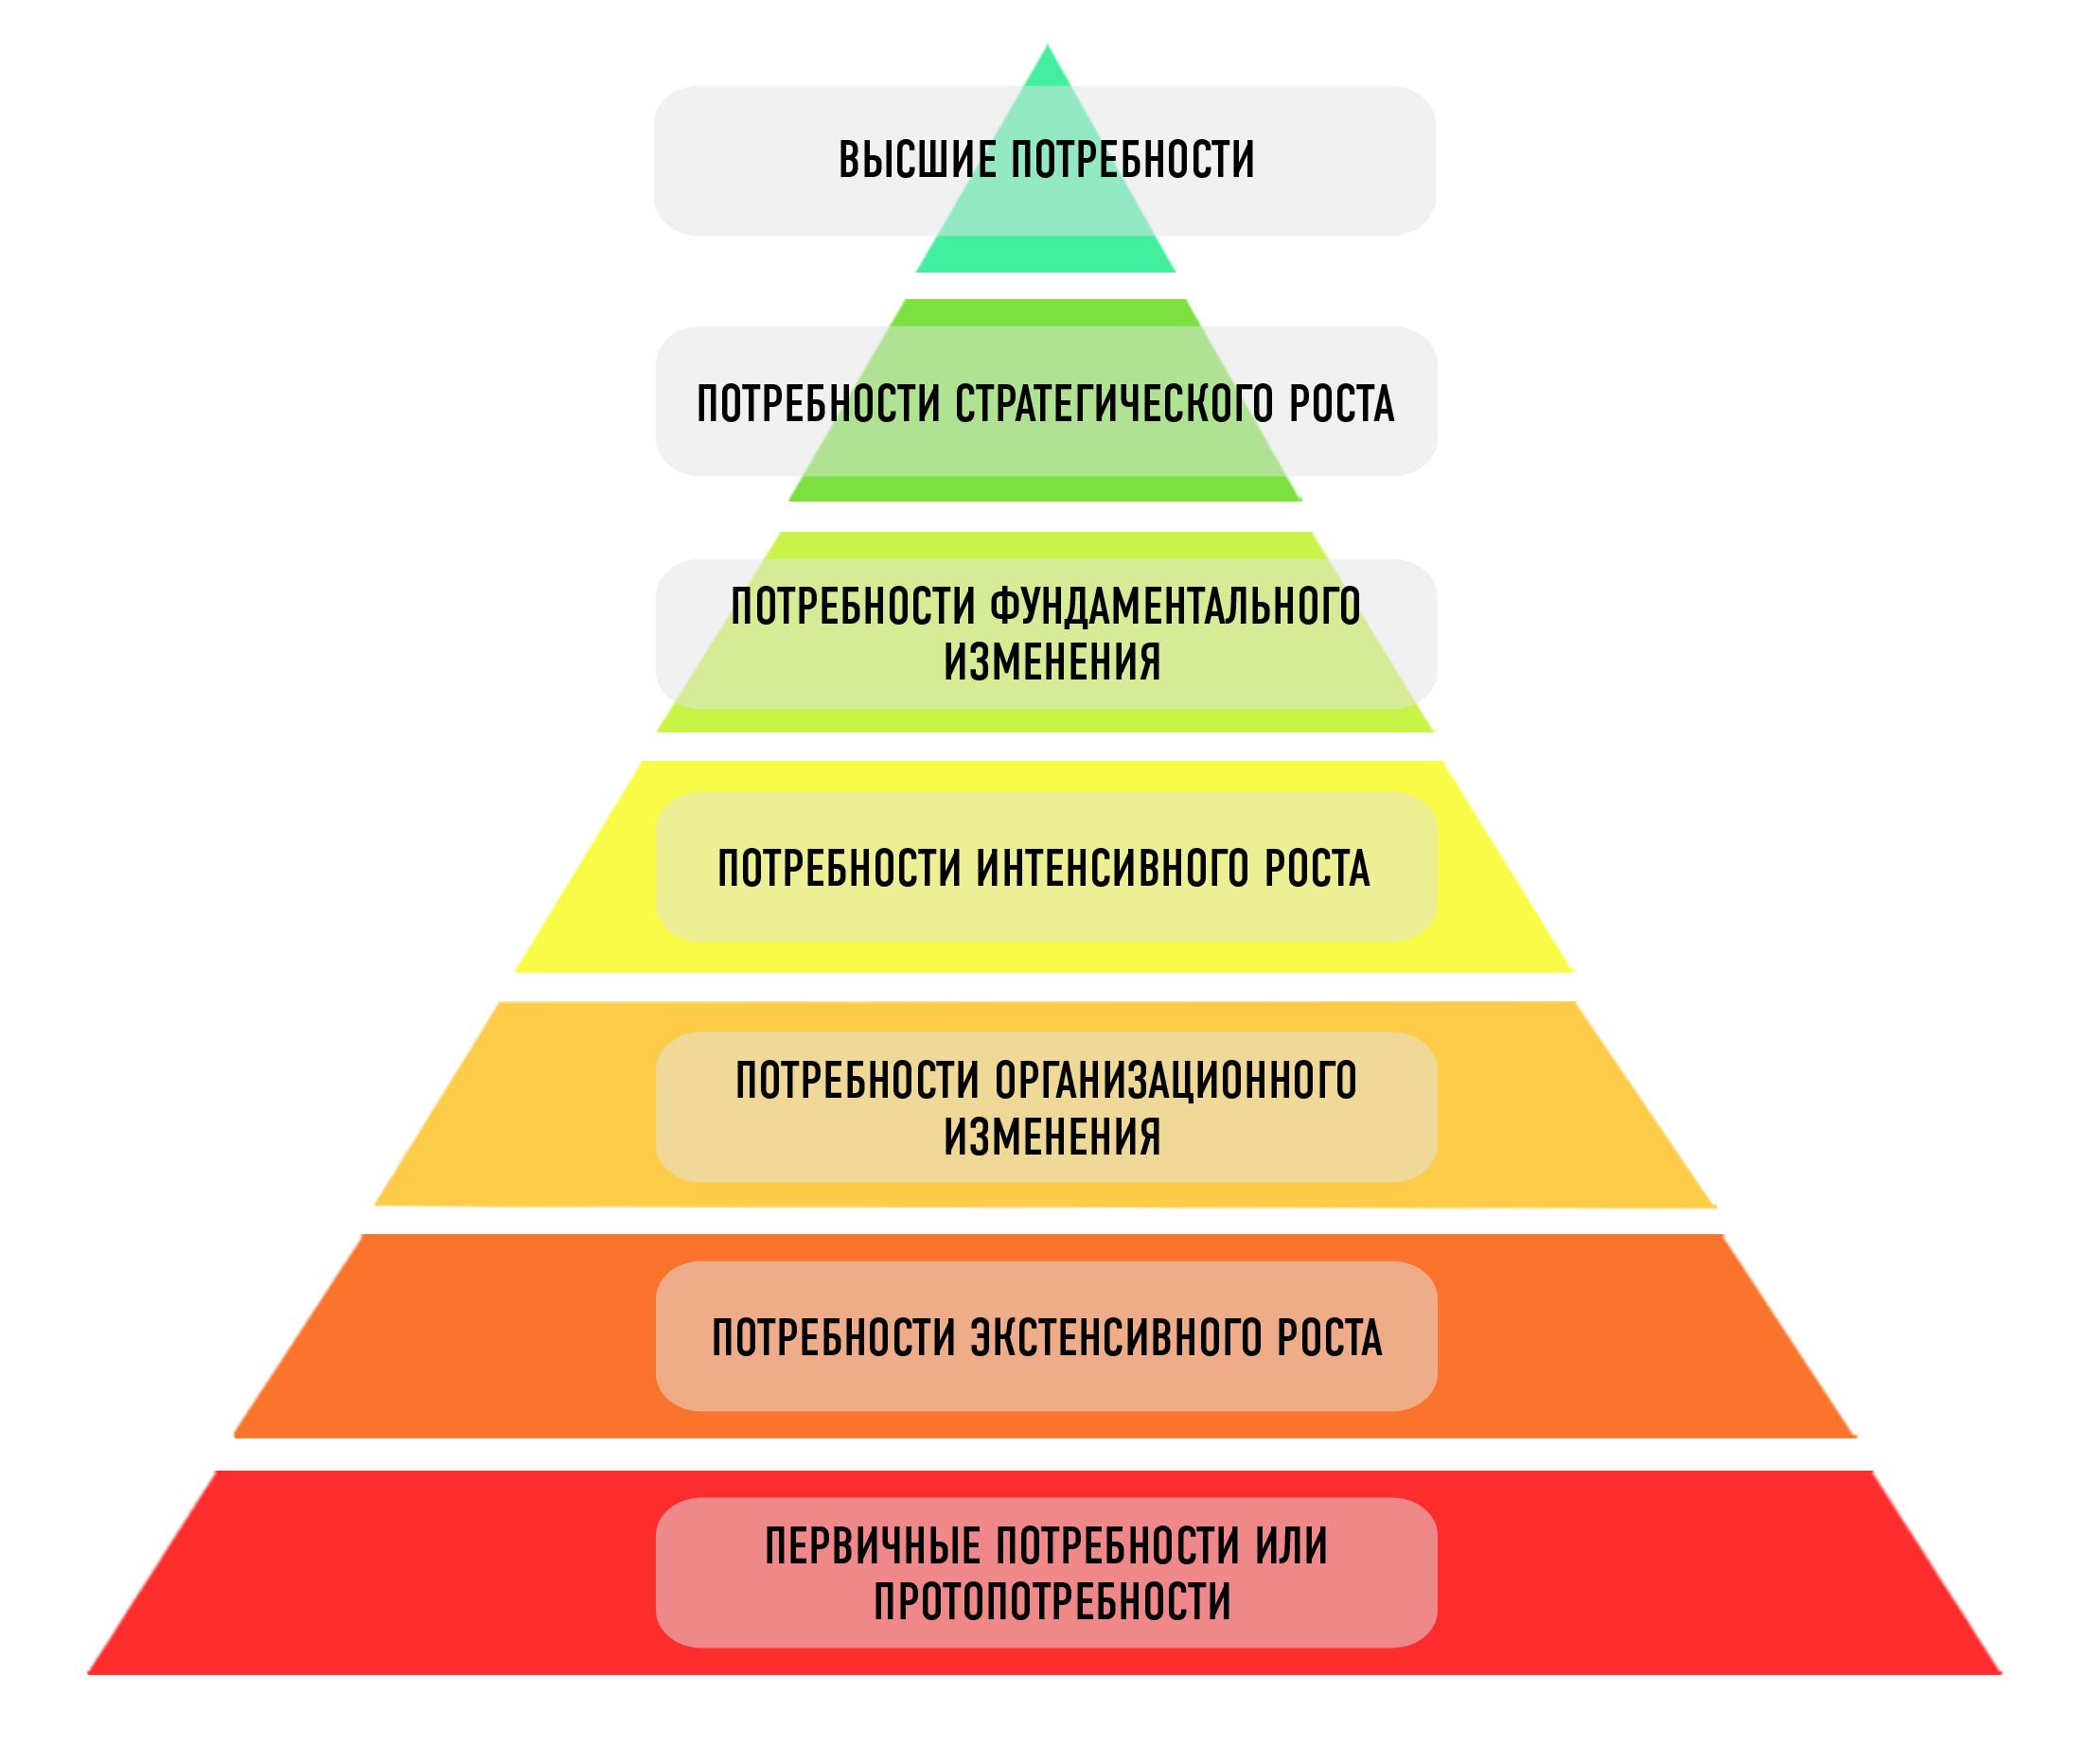 Коронавирус - план мирового правительства в действии (блог Нейтрино) 39b27df419f80586d839d5eff509b4e1